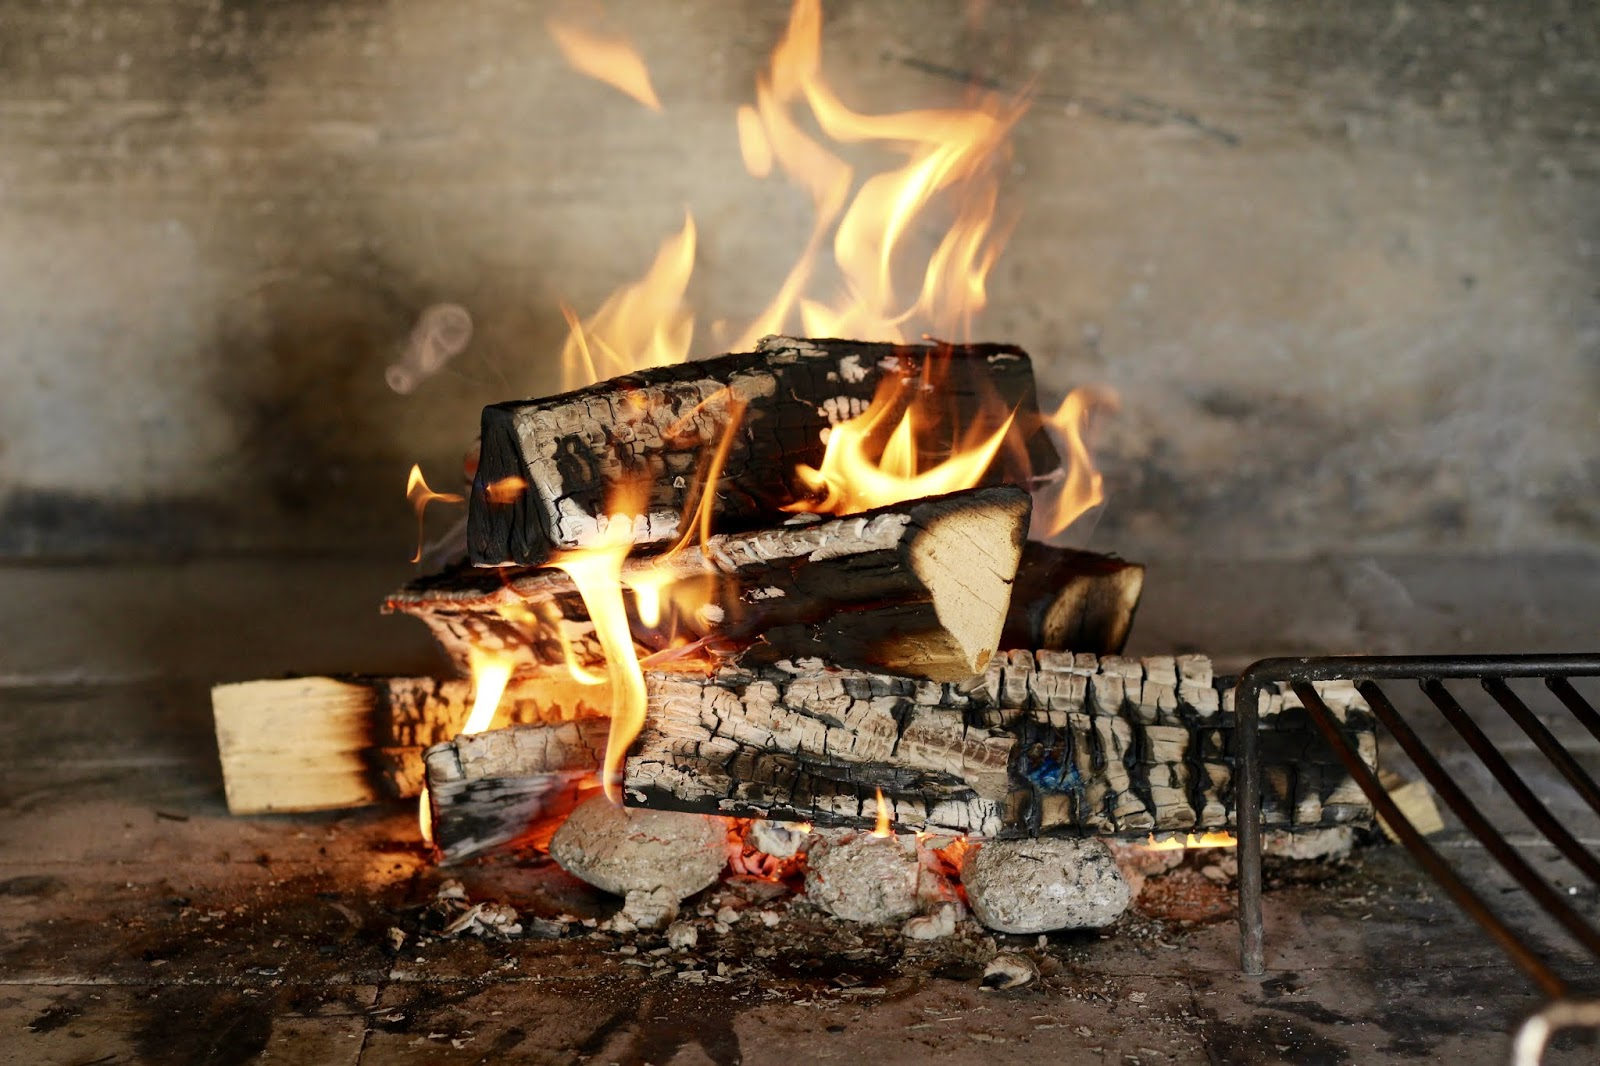 """Unser tägliches Grillfeuer im traditionellen """"Komin"""" in der Außenküche"""